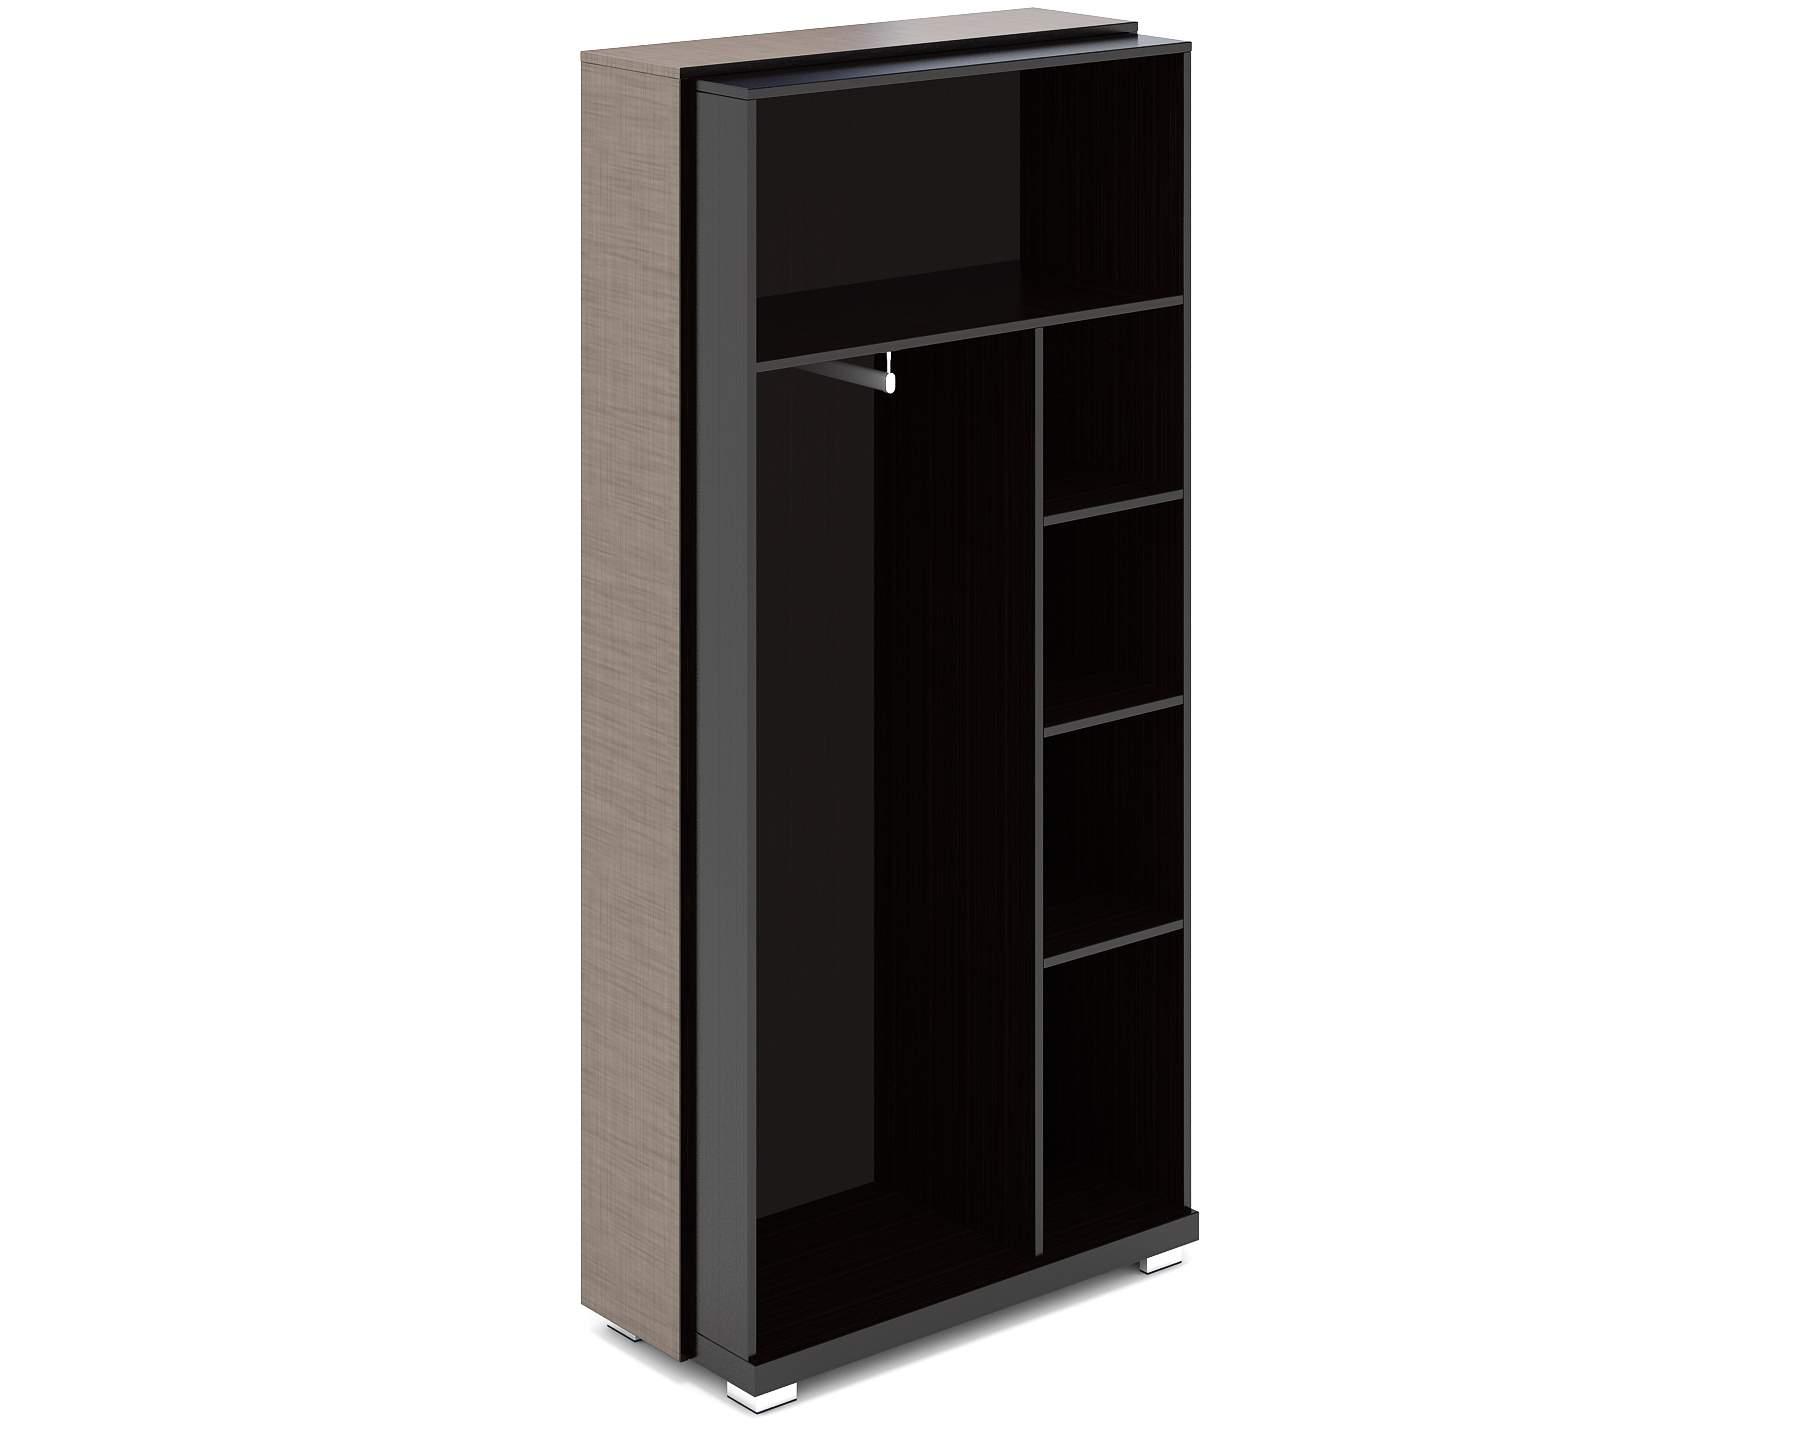 Каркас гардероба крайний 914х440х2049